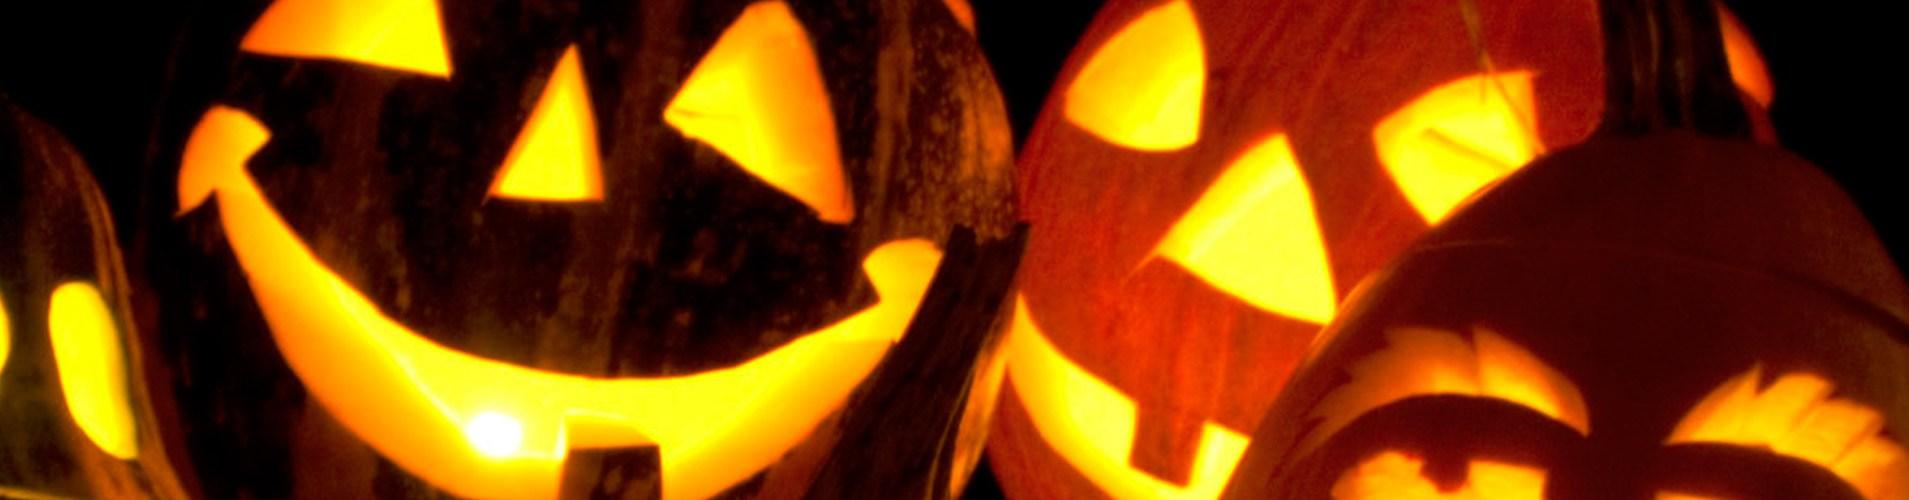 Halloween Day Pumpkins